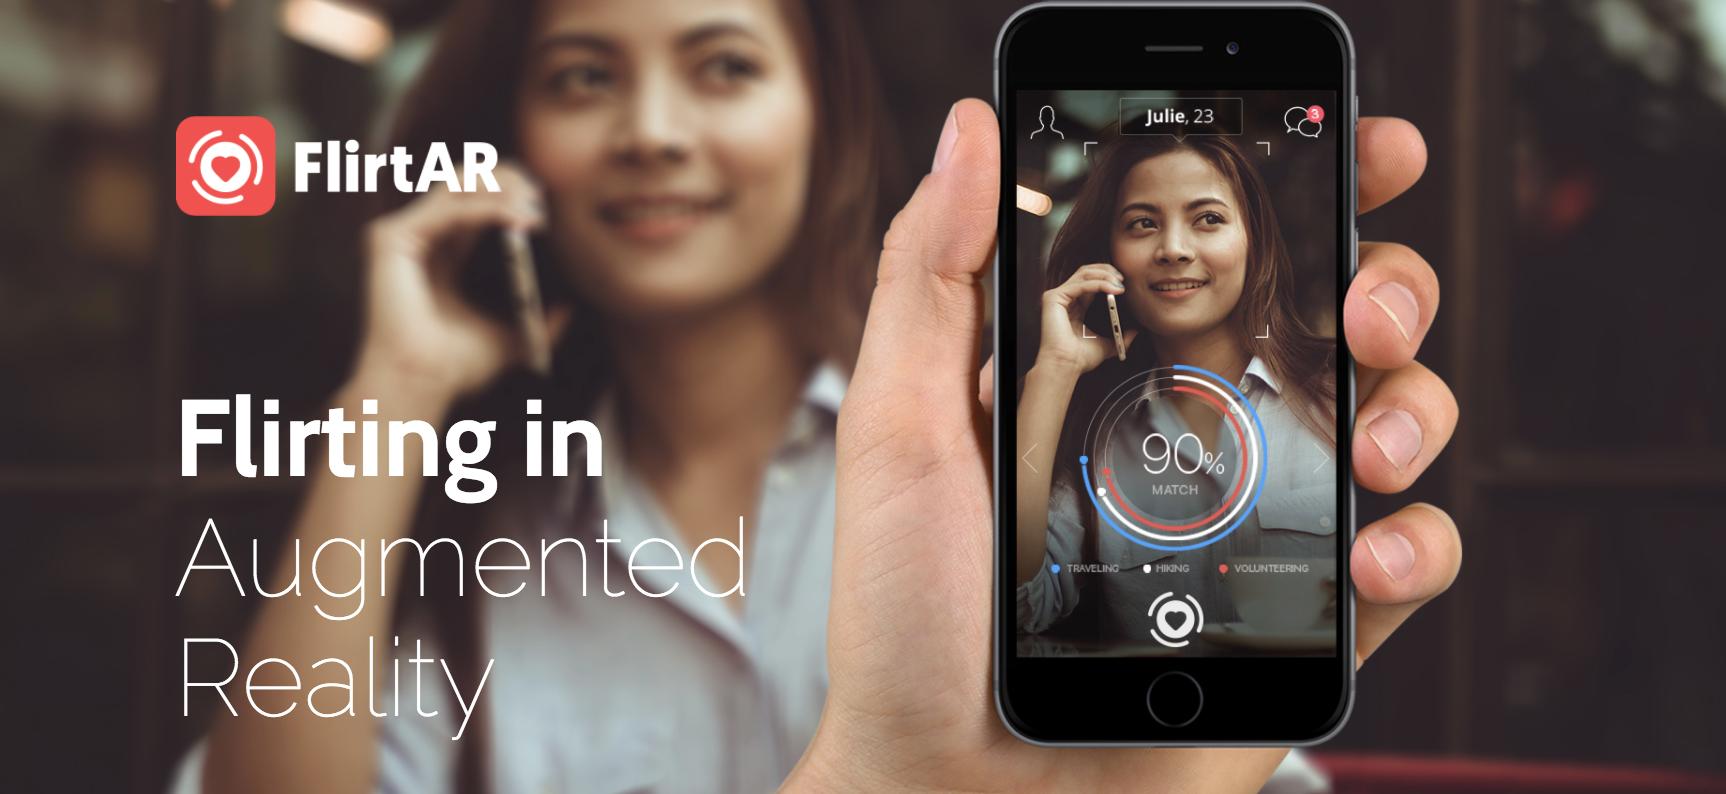 移动应用开发商FlirtAR获150万美元融资增强现实约会怎么玩儿